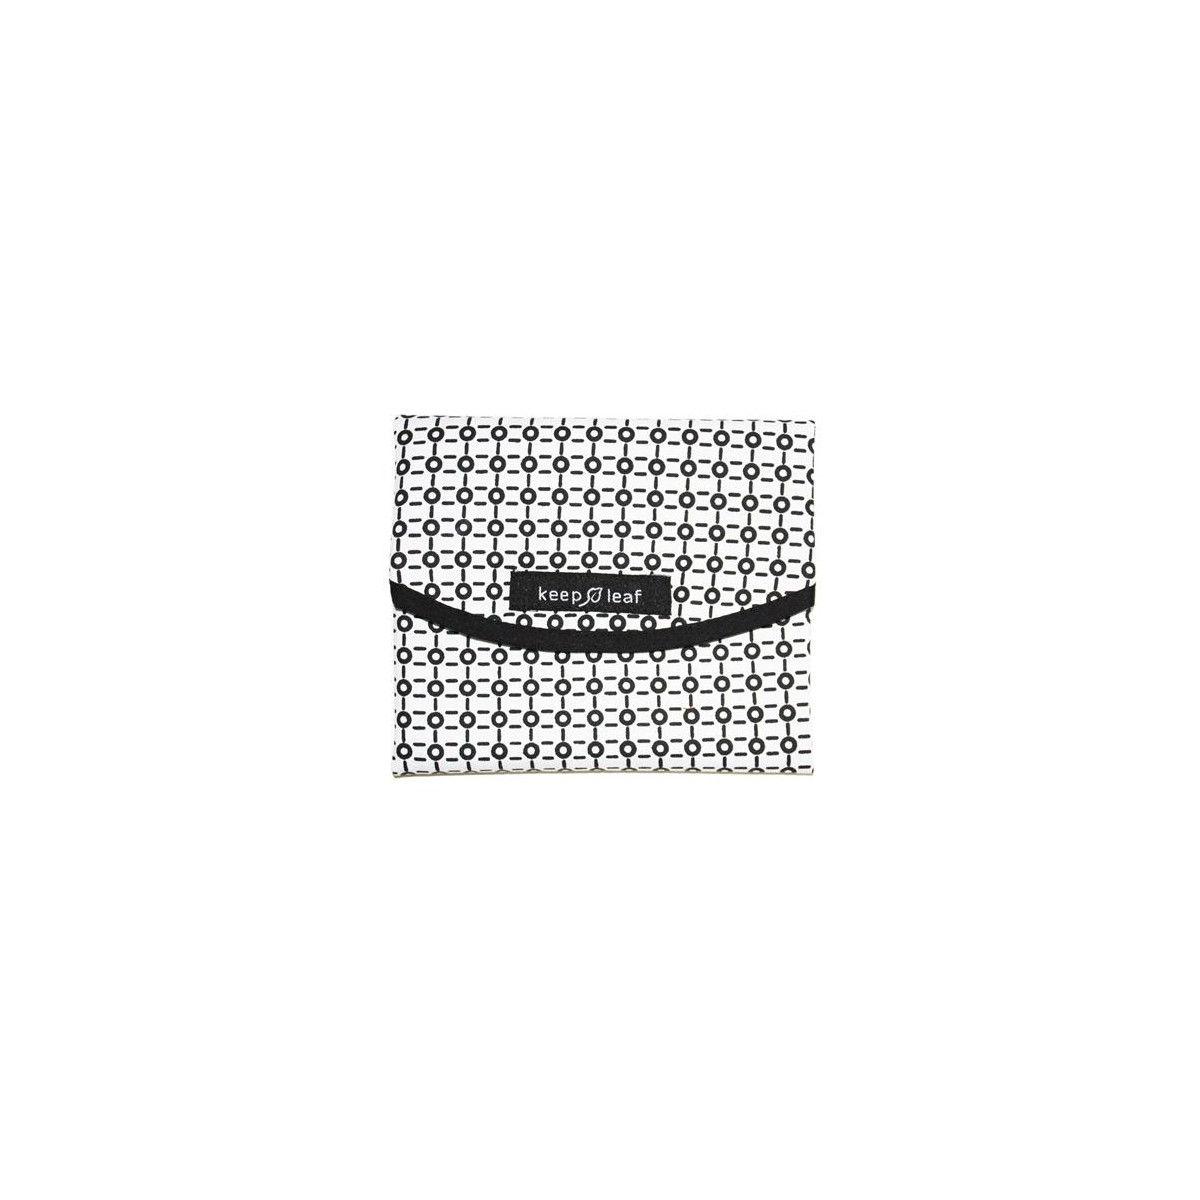 pochette r utilisable ronde pour go ters et sandwichs motif black white sebio. Black Bedroom Furniture Sets. Home Design Ideas